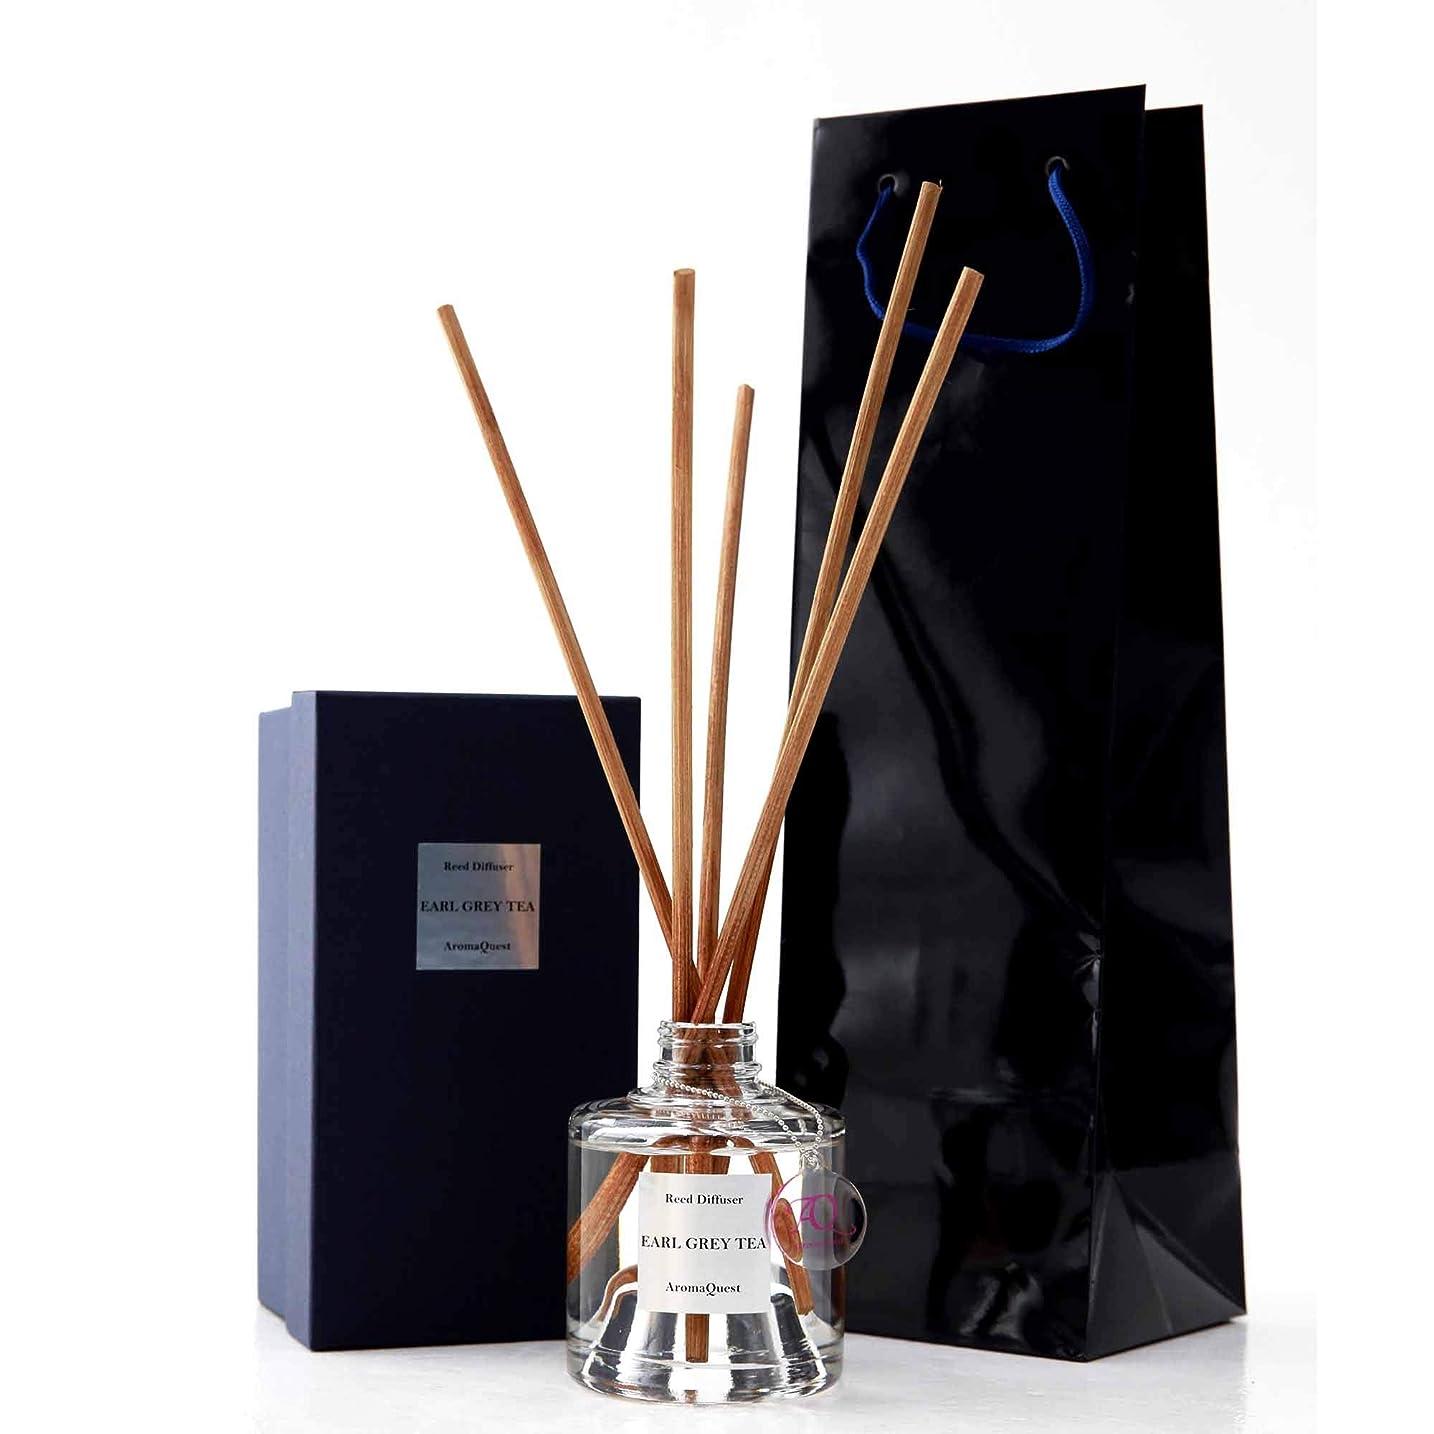 ポーズ是正ピストルルームフレグランス リードディフューザー アロマディフューザー 150ml アールグレイティー EARL GREY TEA 紅茶の香り